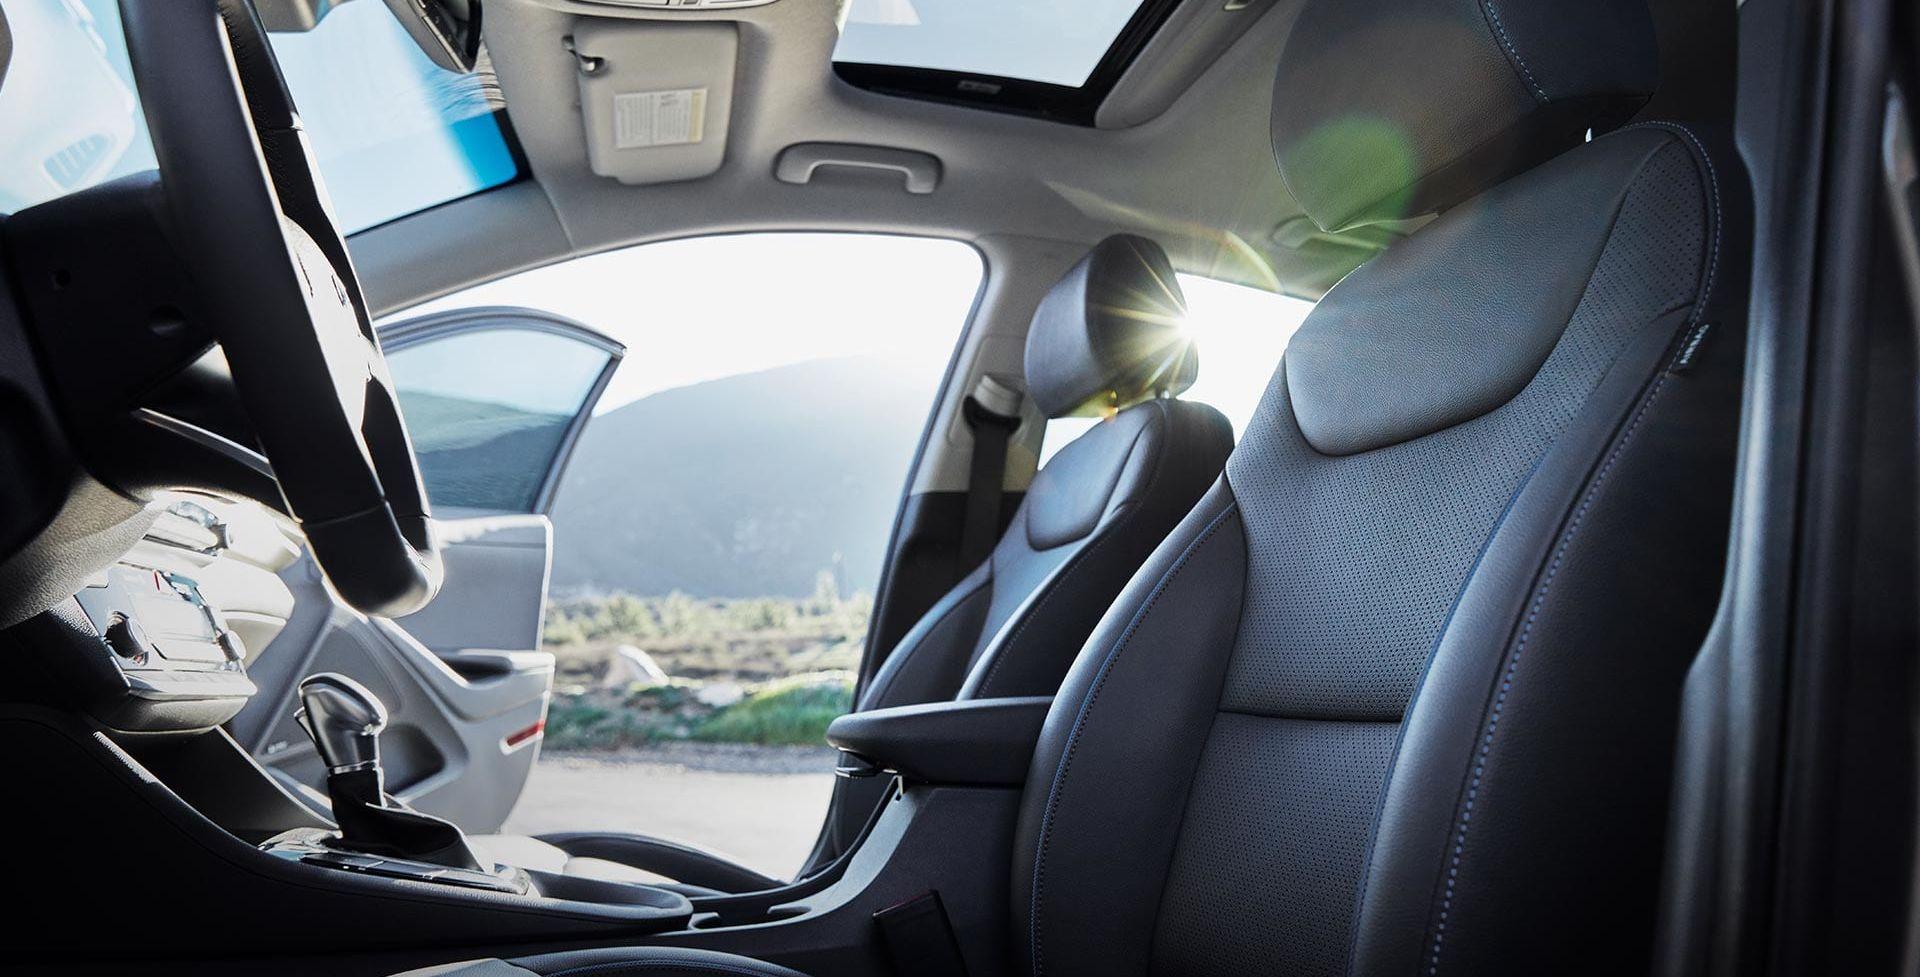 Comfortable Seats in the Hyundai Ioniq Hybrid